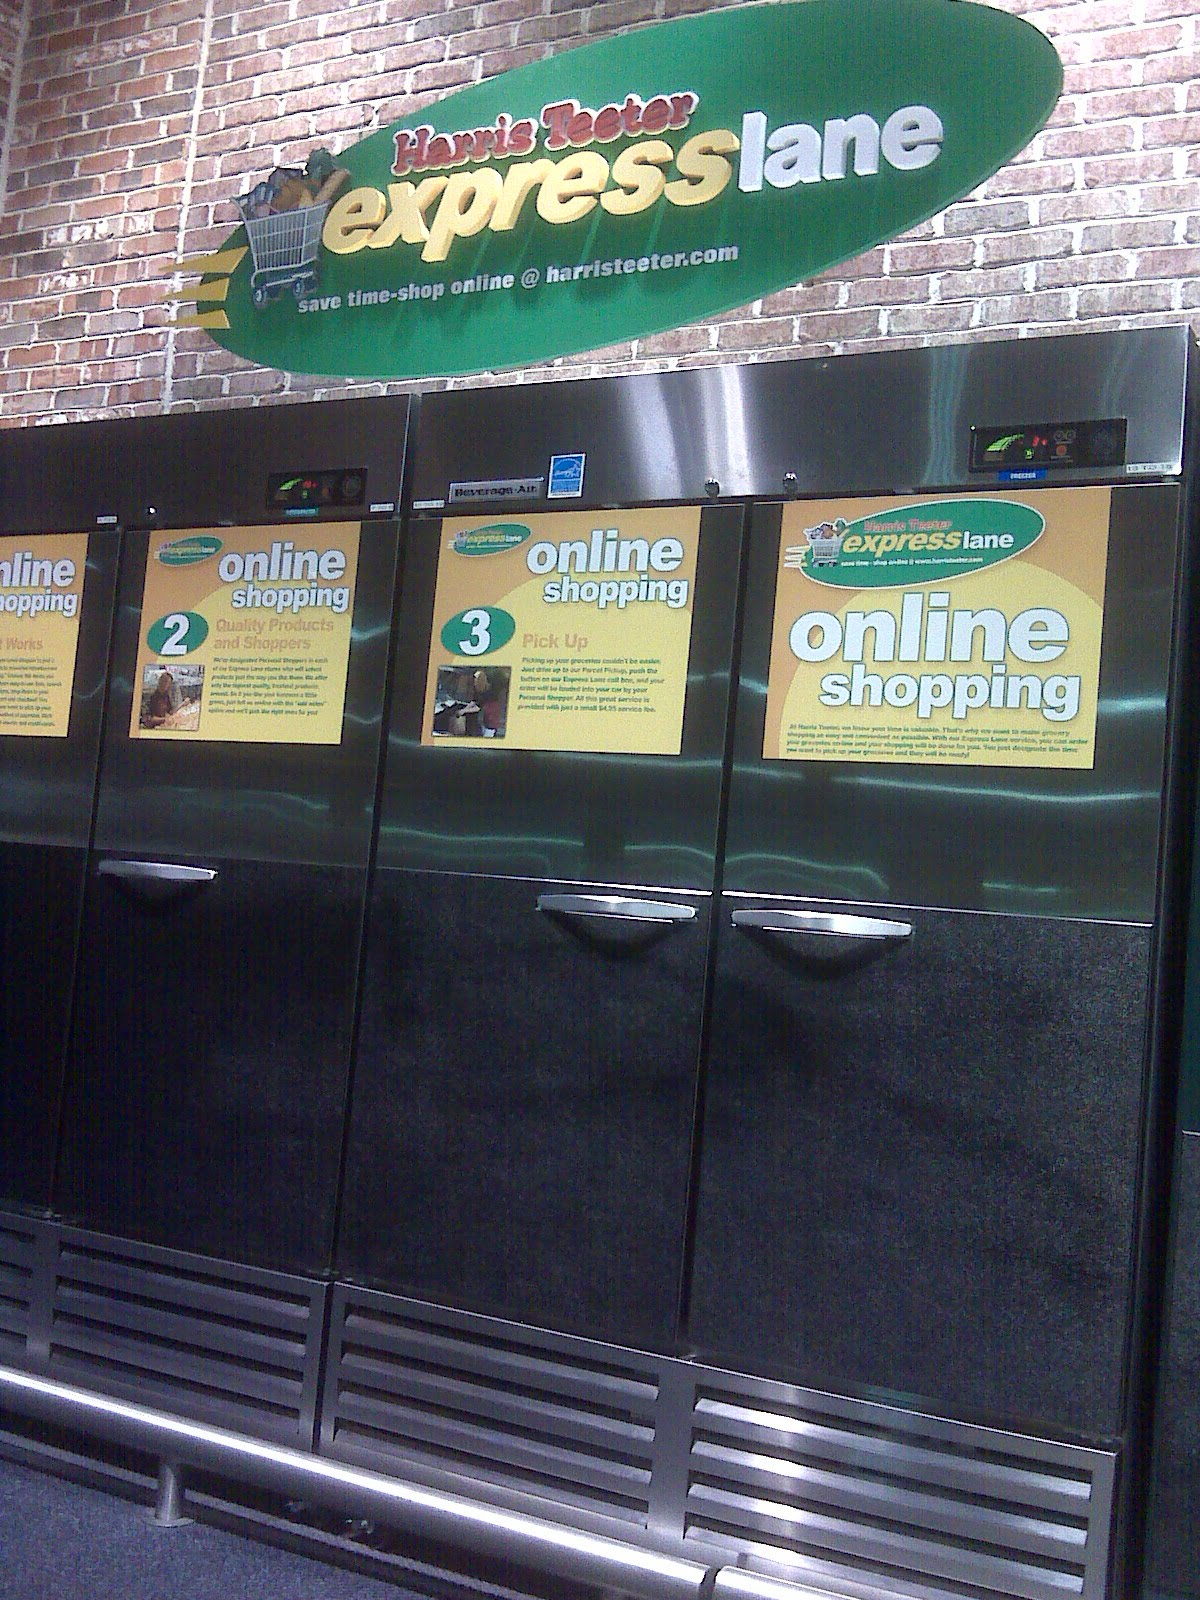 Harris teeter shop online